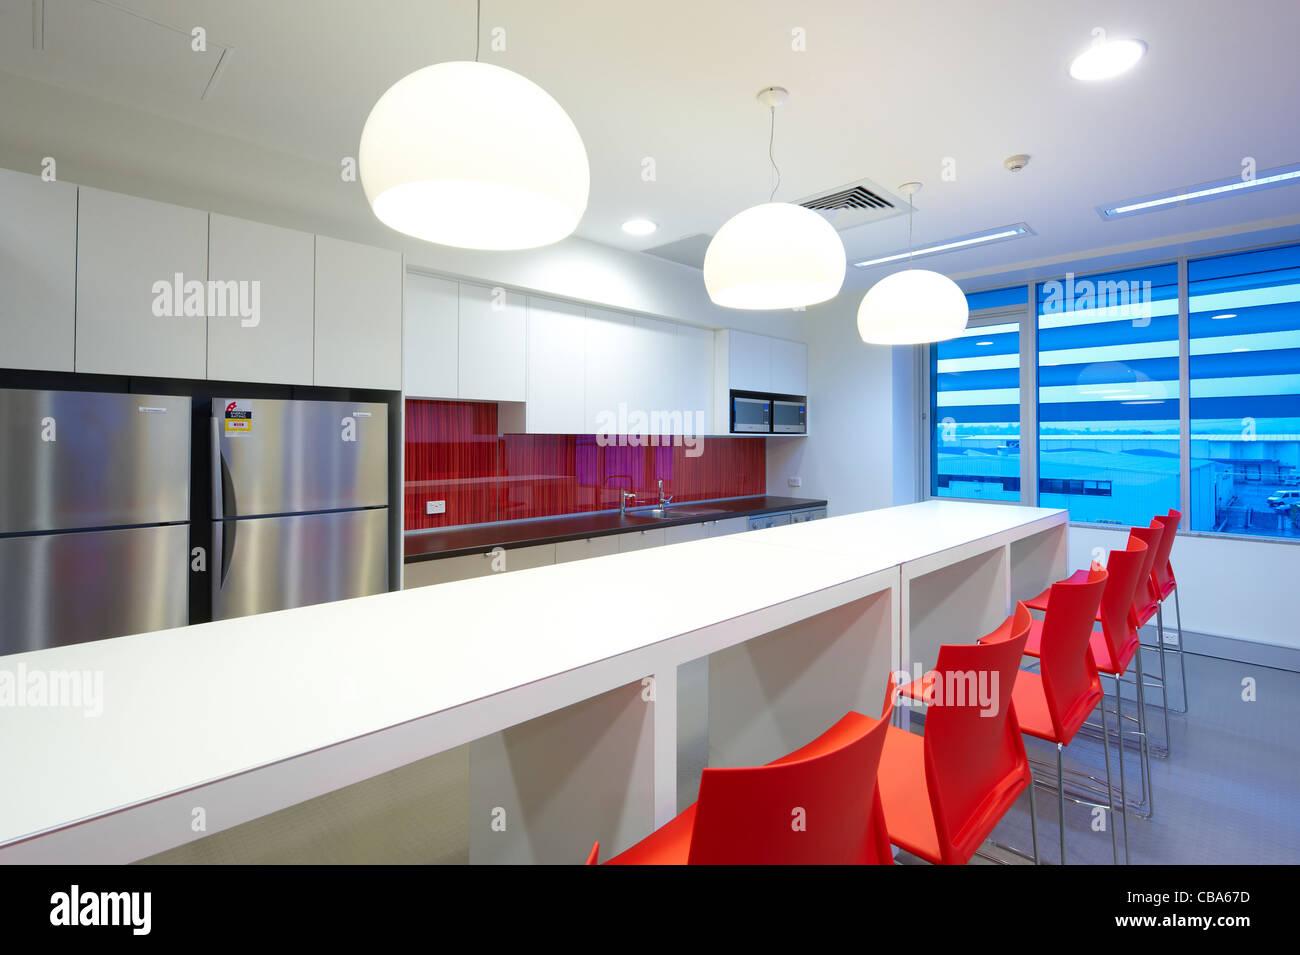 Moderna cocina comercial & comedor Imagen De Stock